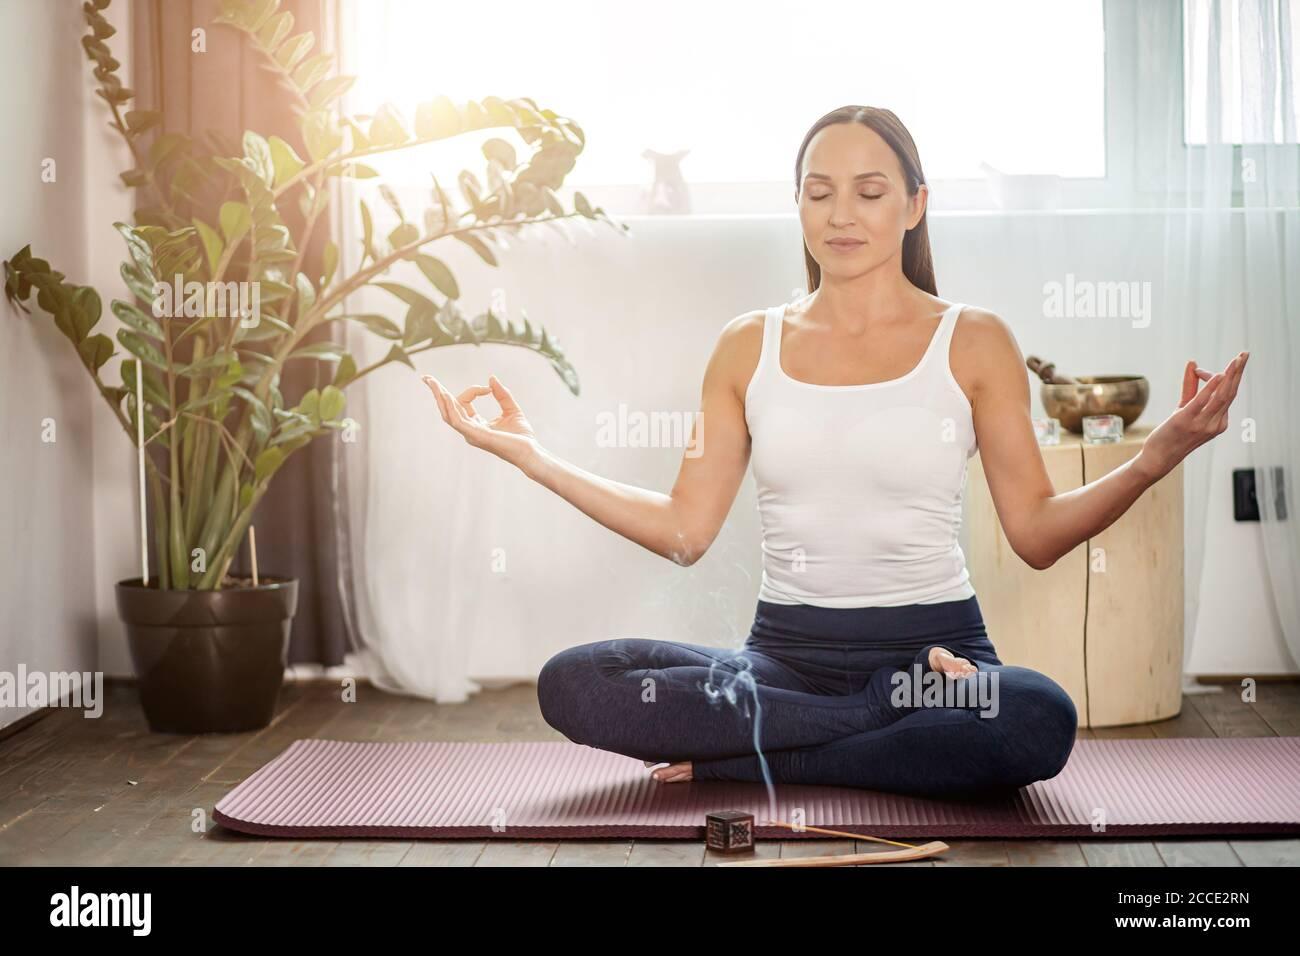 calme yogi femelle s'asseoir sur le sol dans la pose de lotus, méditer à la maison pendant la quarantaine, chaque matin commence du yoga, elle utilise des bâtons d'arôme Banque D'Images